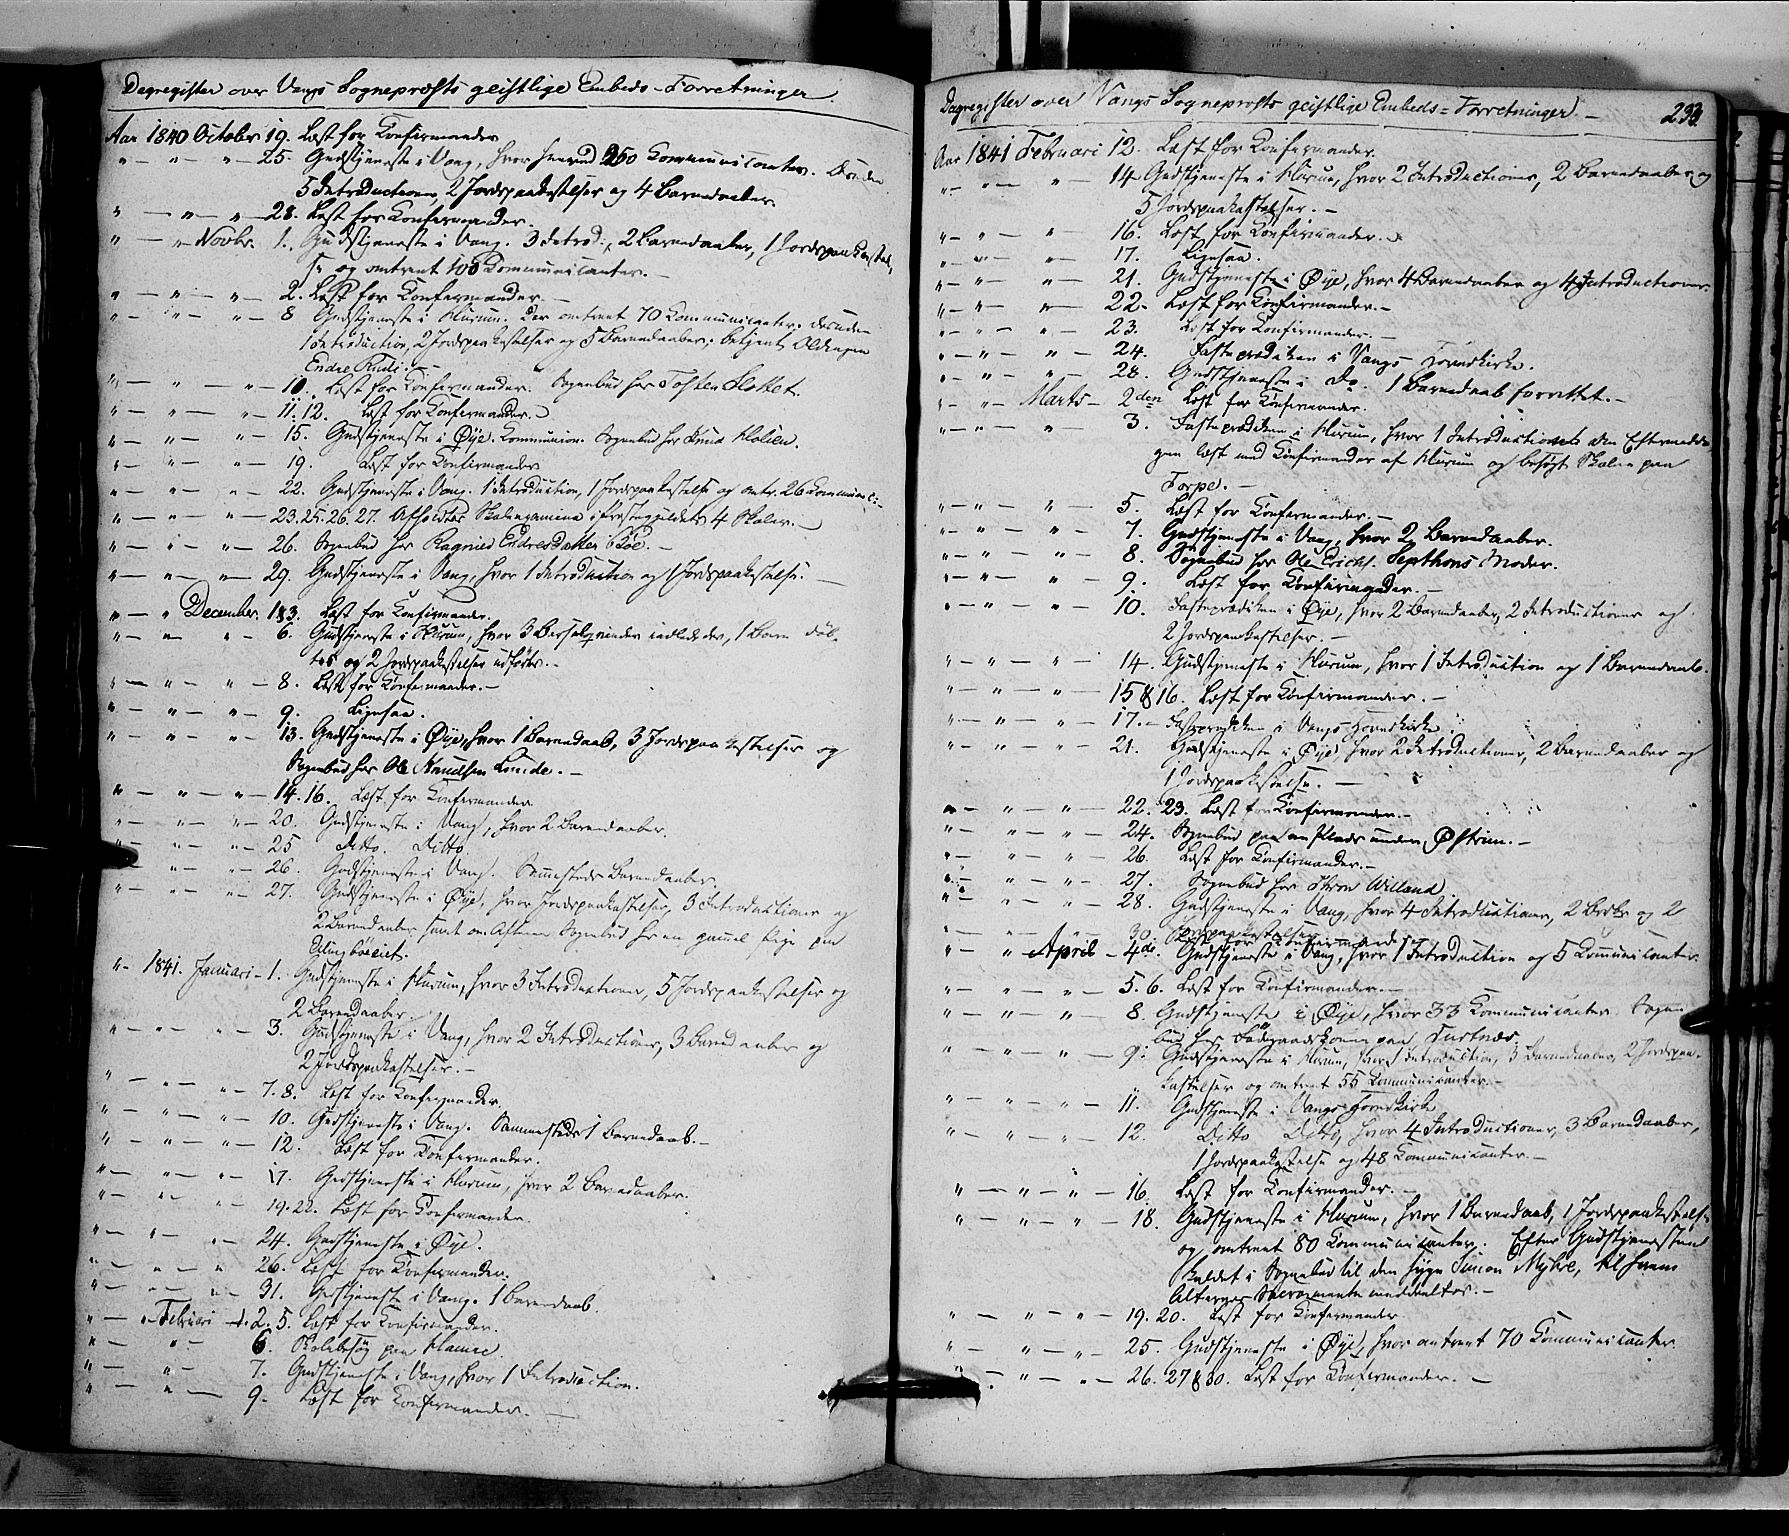 SAH, Vang prestekontor, Valdres, Ministerialbok nr. 5, 1831-1845, s. 233